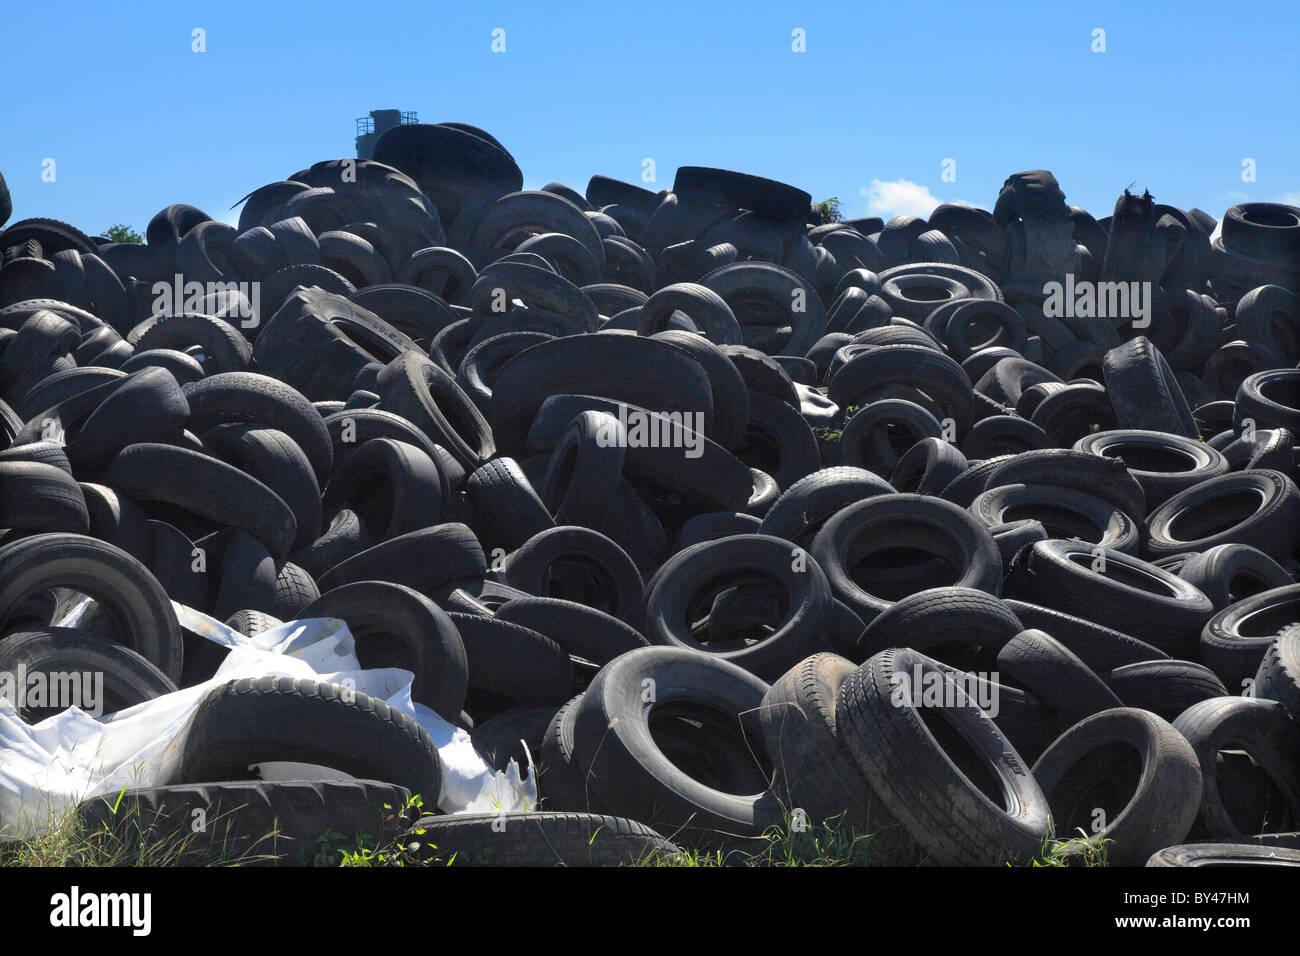 Reifen-Dump Stockbild